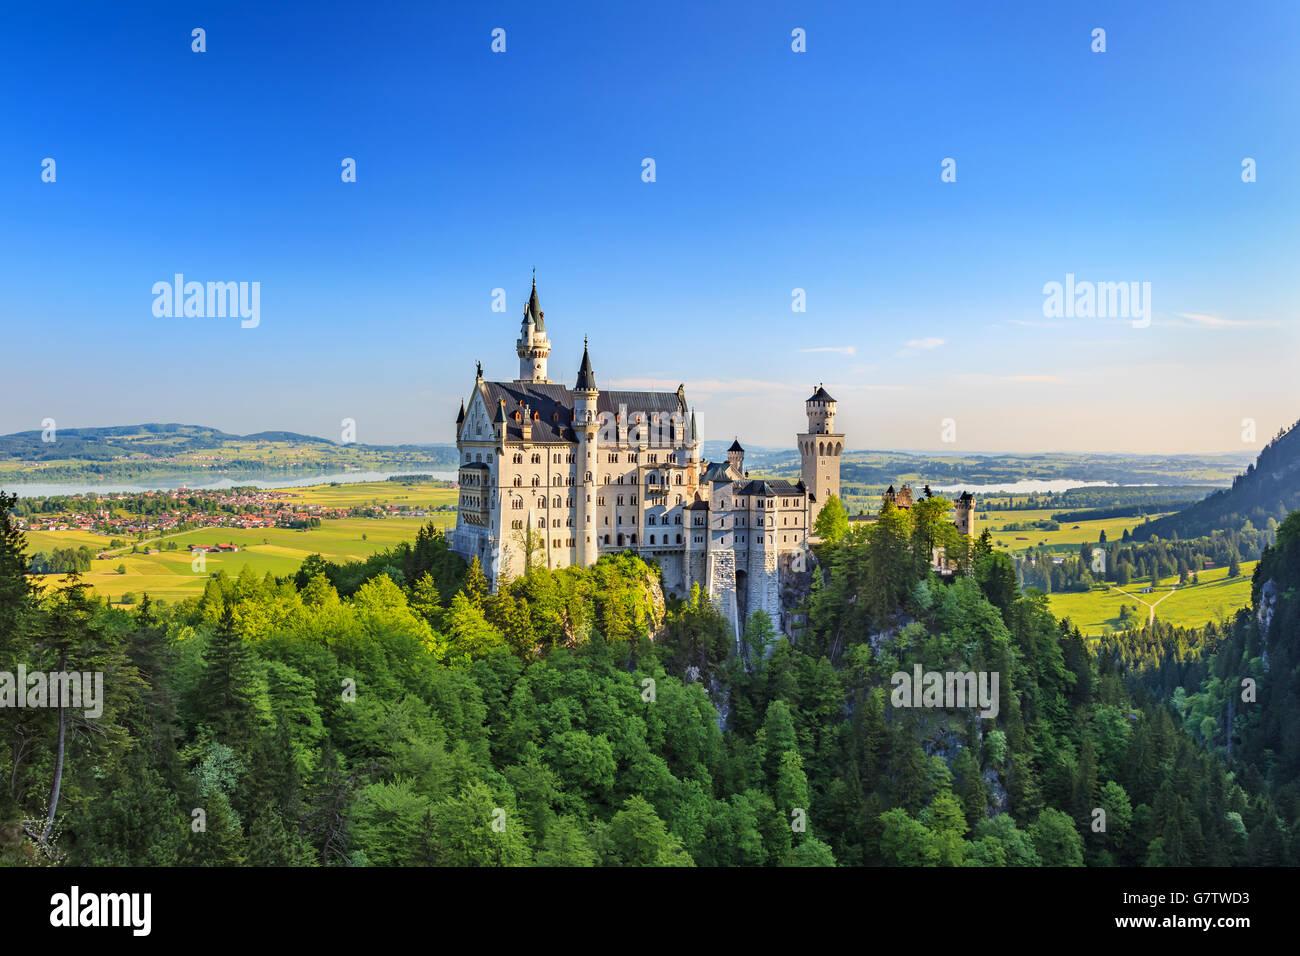 Le château de Neuschwanstein, Fussen, Allemagne Photo Stock